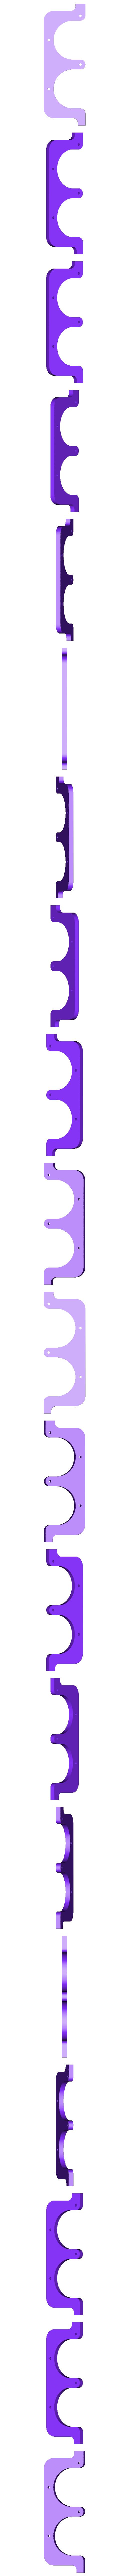 movable_plate_left_right.stl Download free STL file 8 legged spider robot • 3D print design, brianbrocken